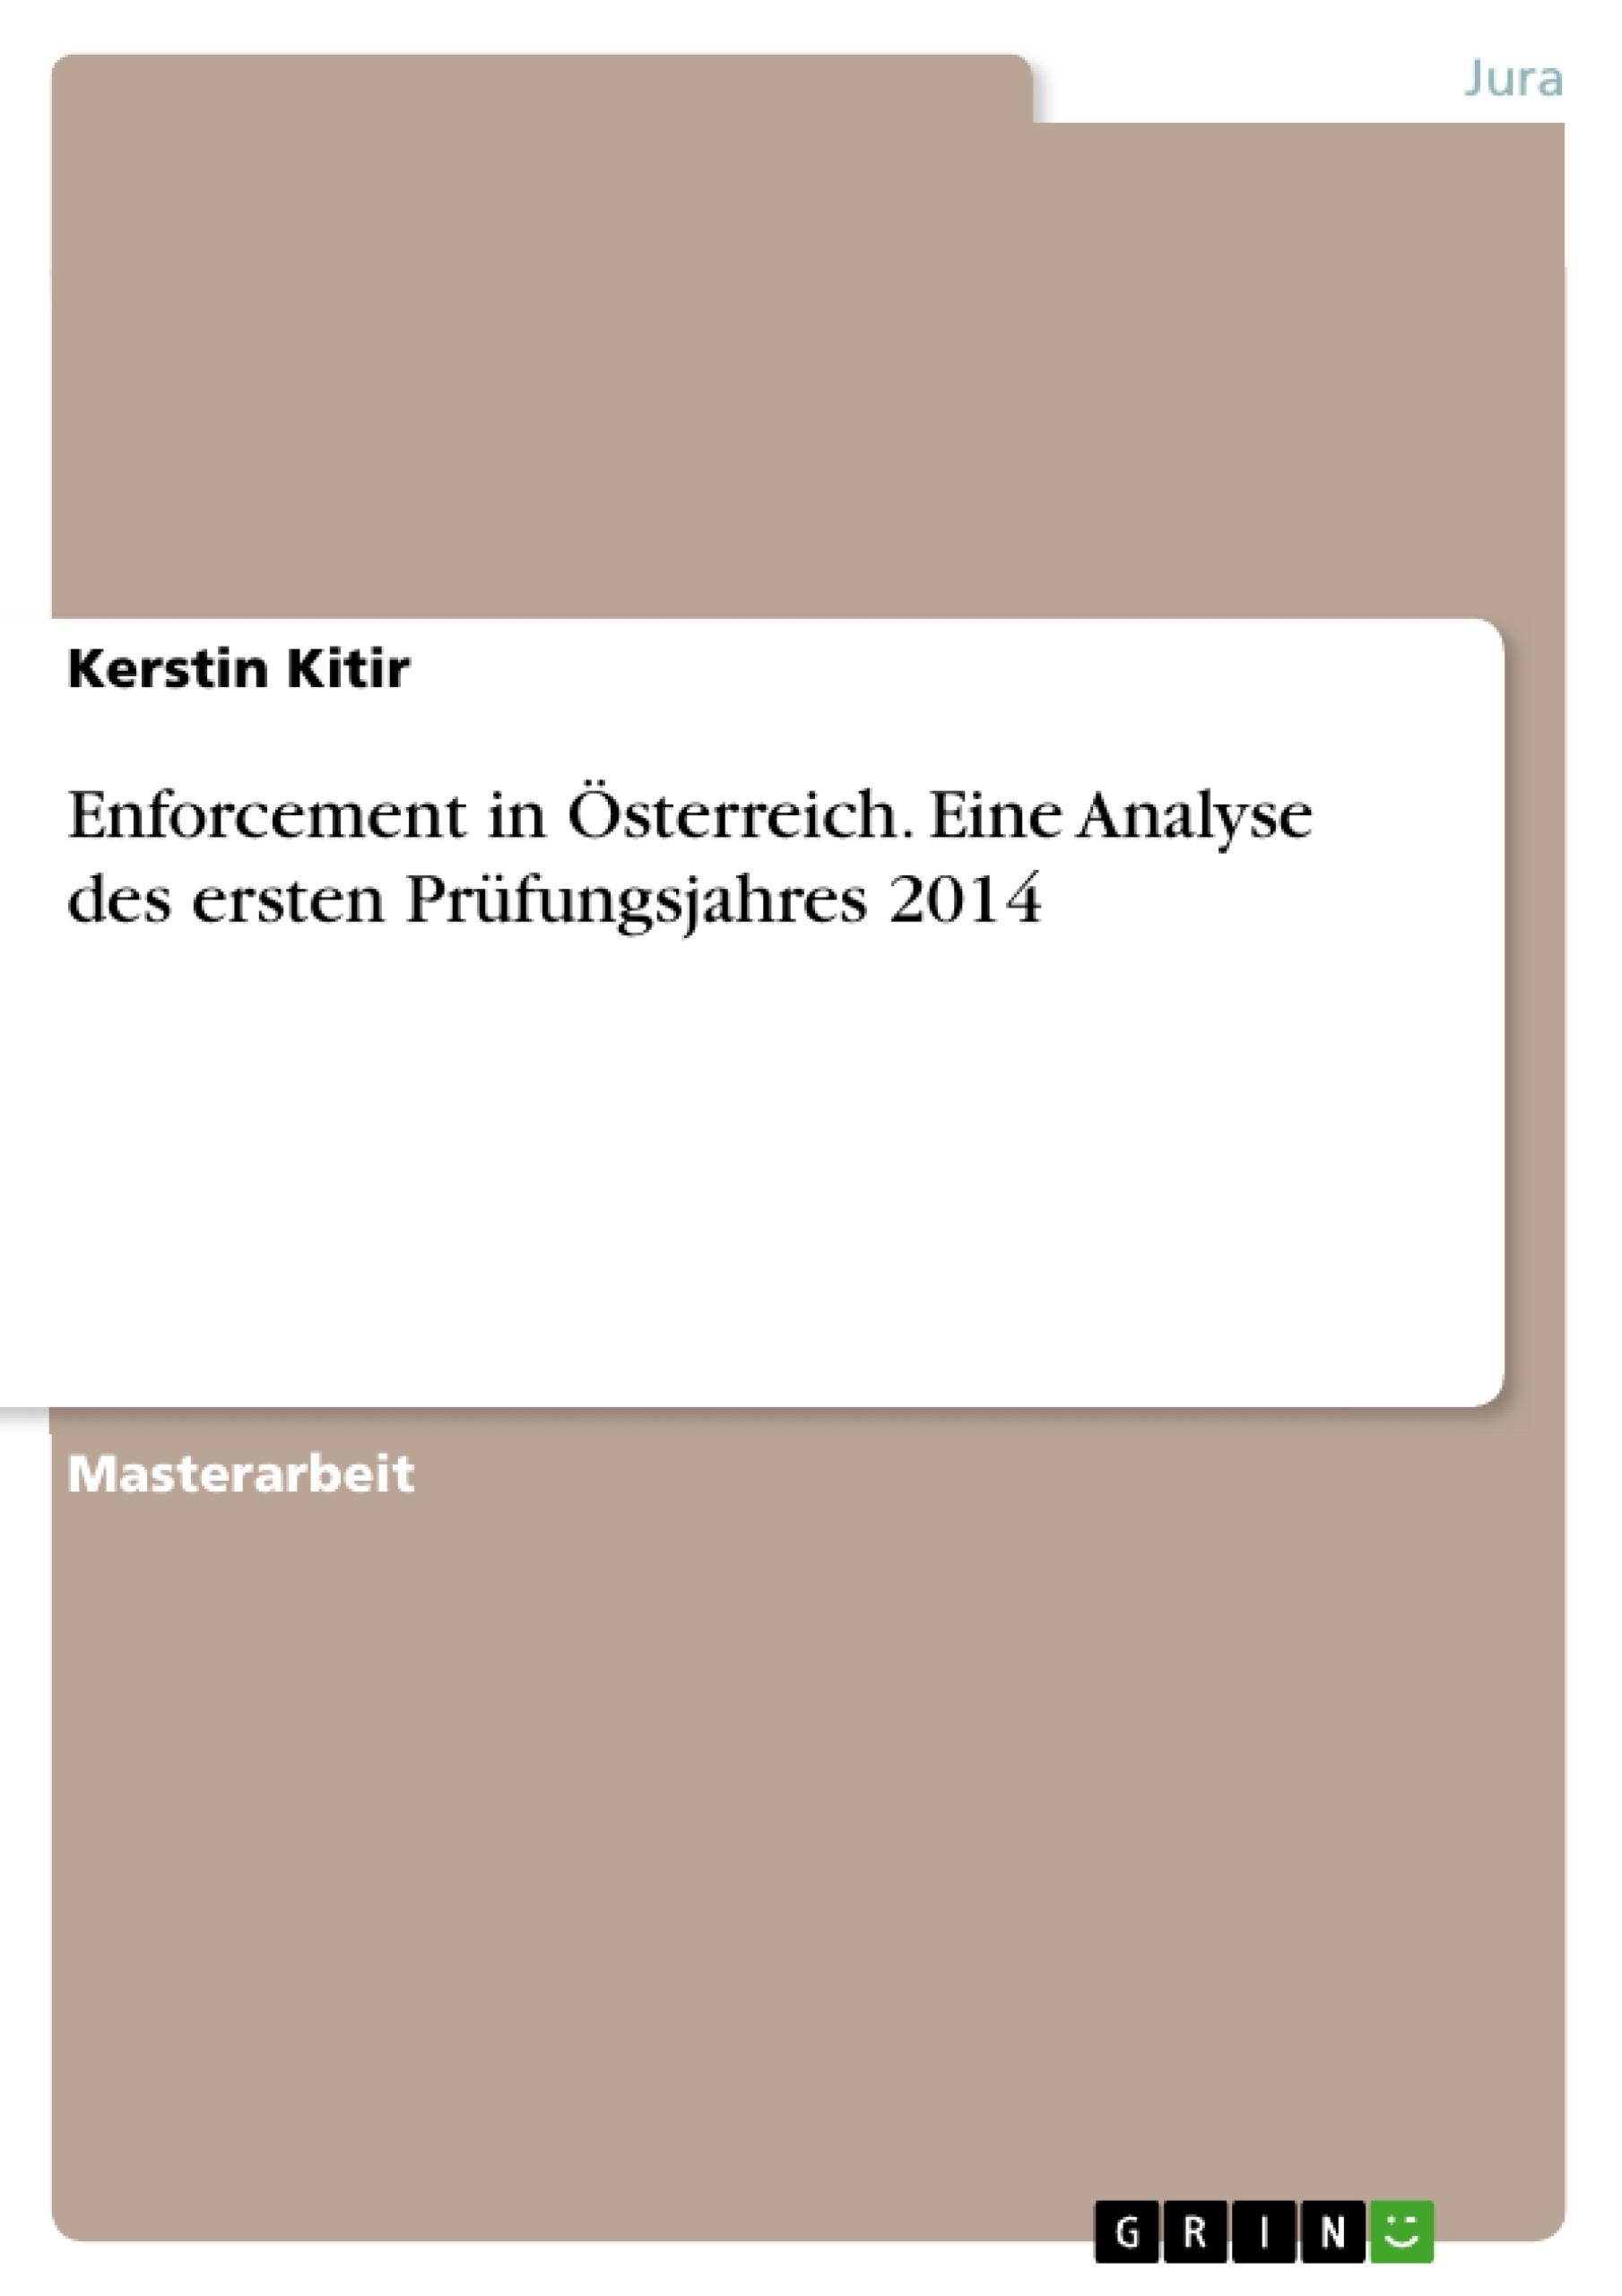 Titel: Enforcement in Österreich. Eine Analyse des ersten Prüfungsjahres 2014